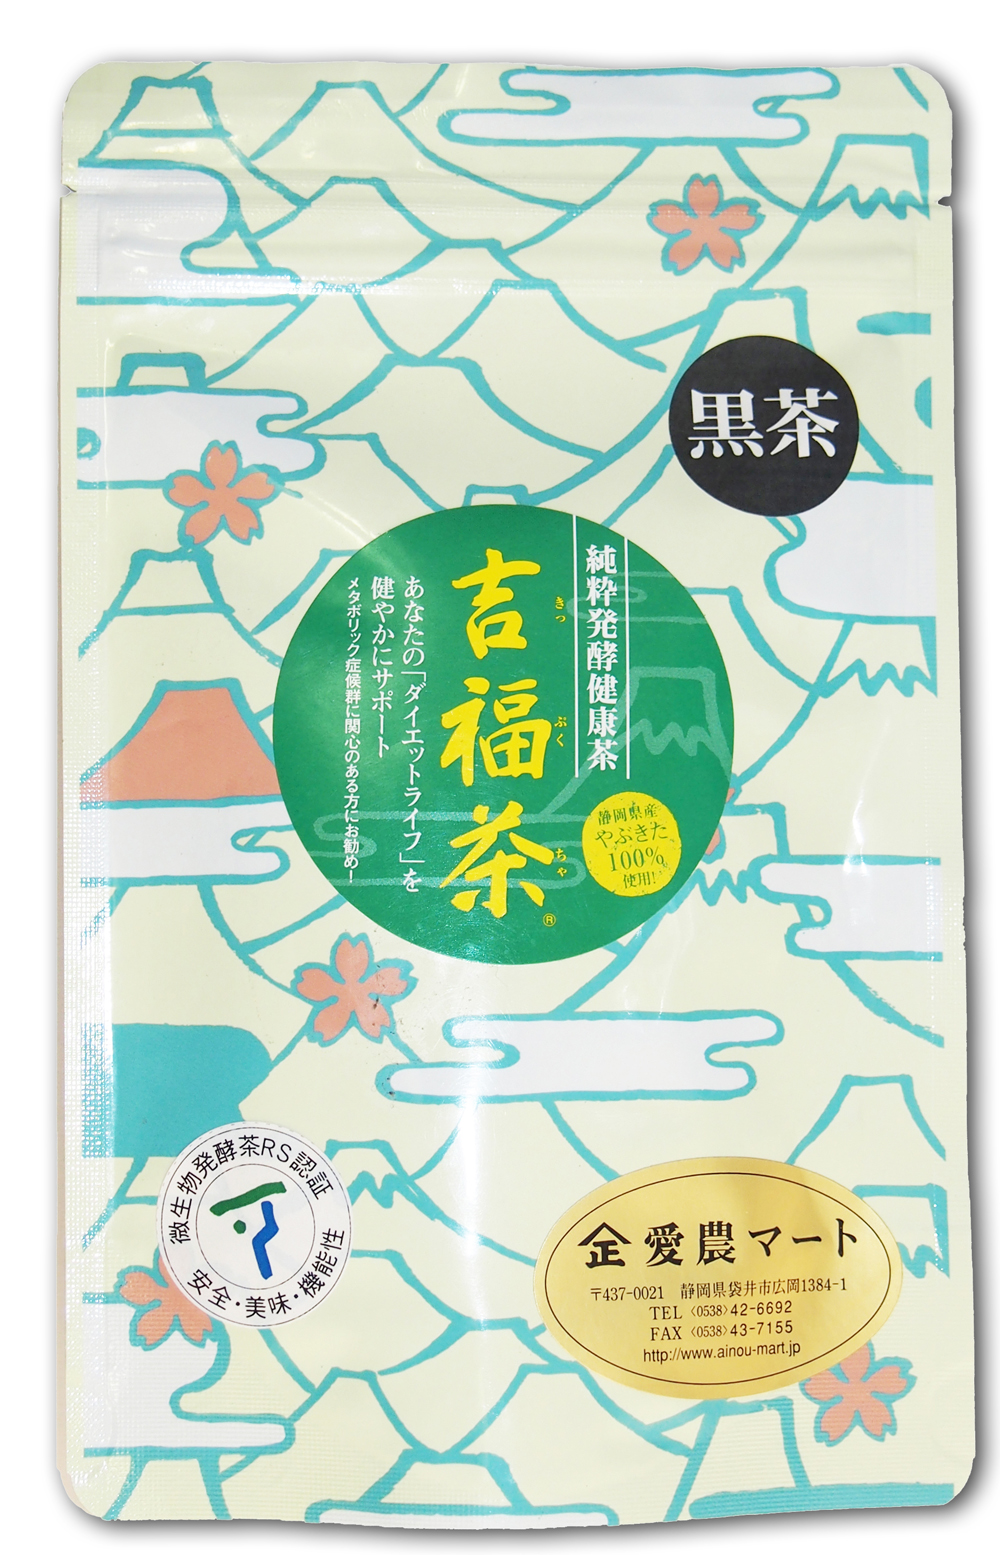 国産ダイエットプーアール茶 吉福茶(きっぷくちゃ) 5g×10個 ティーパックタイプ ダイエットにお悩みの方へ